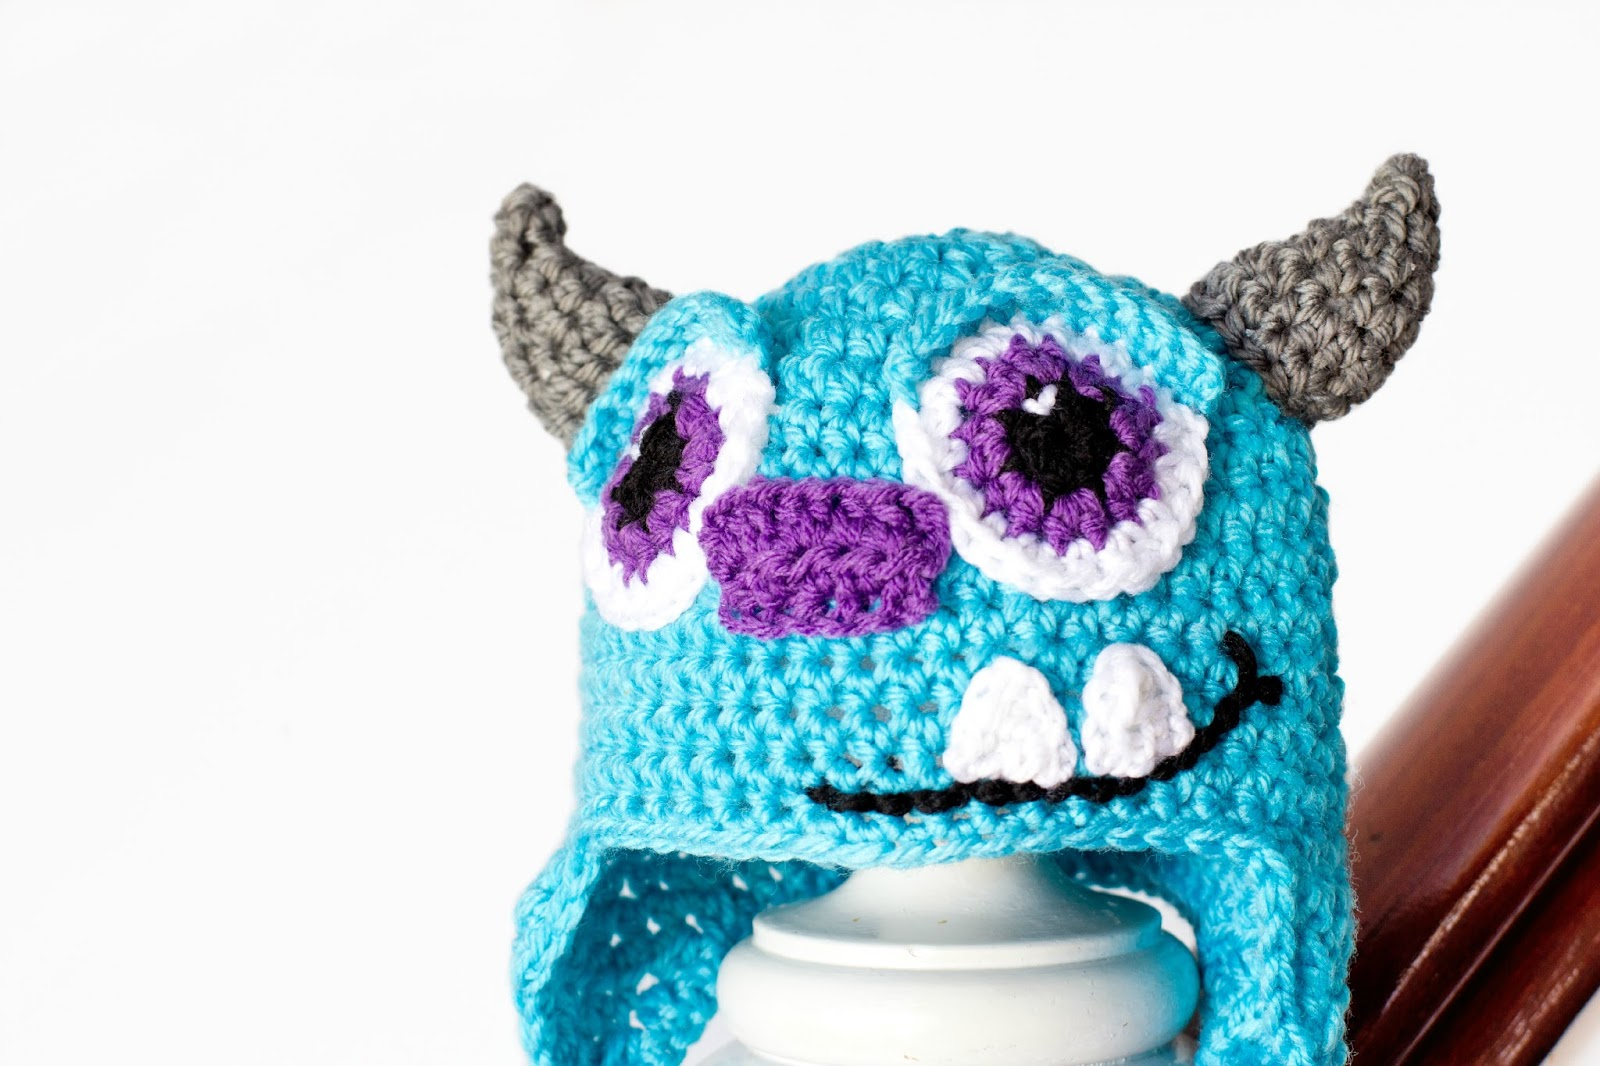 Crochet baby monster hat pattern manet for hopeful honey craft crochet create monsters inc crochet baby monster hat pattern bankloansurffo Gallery